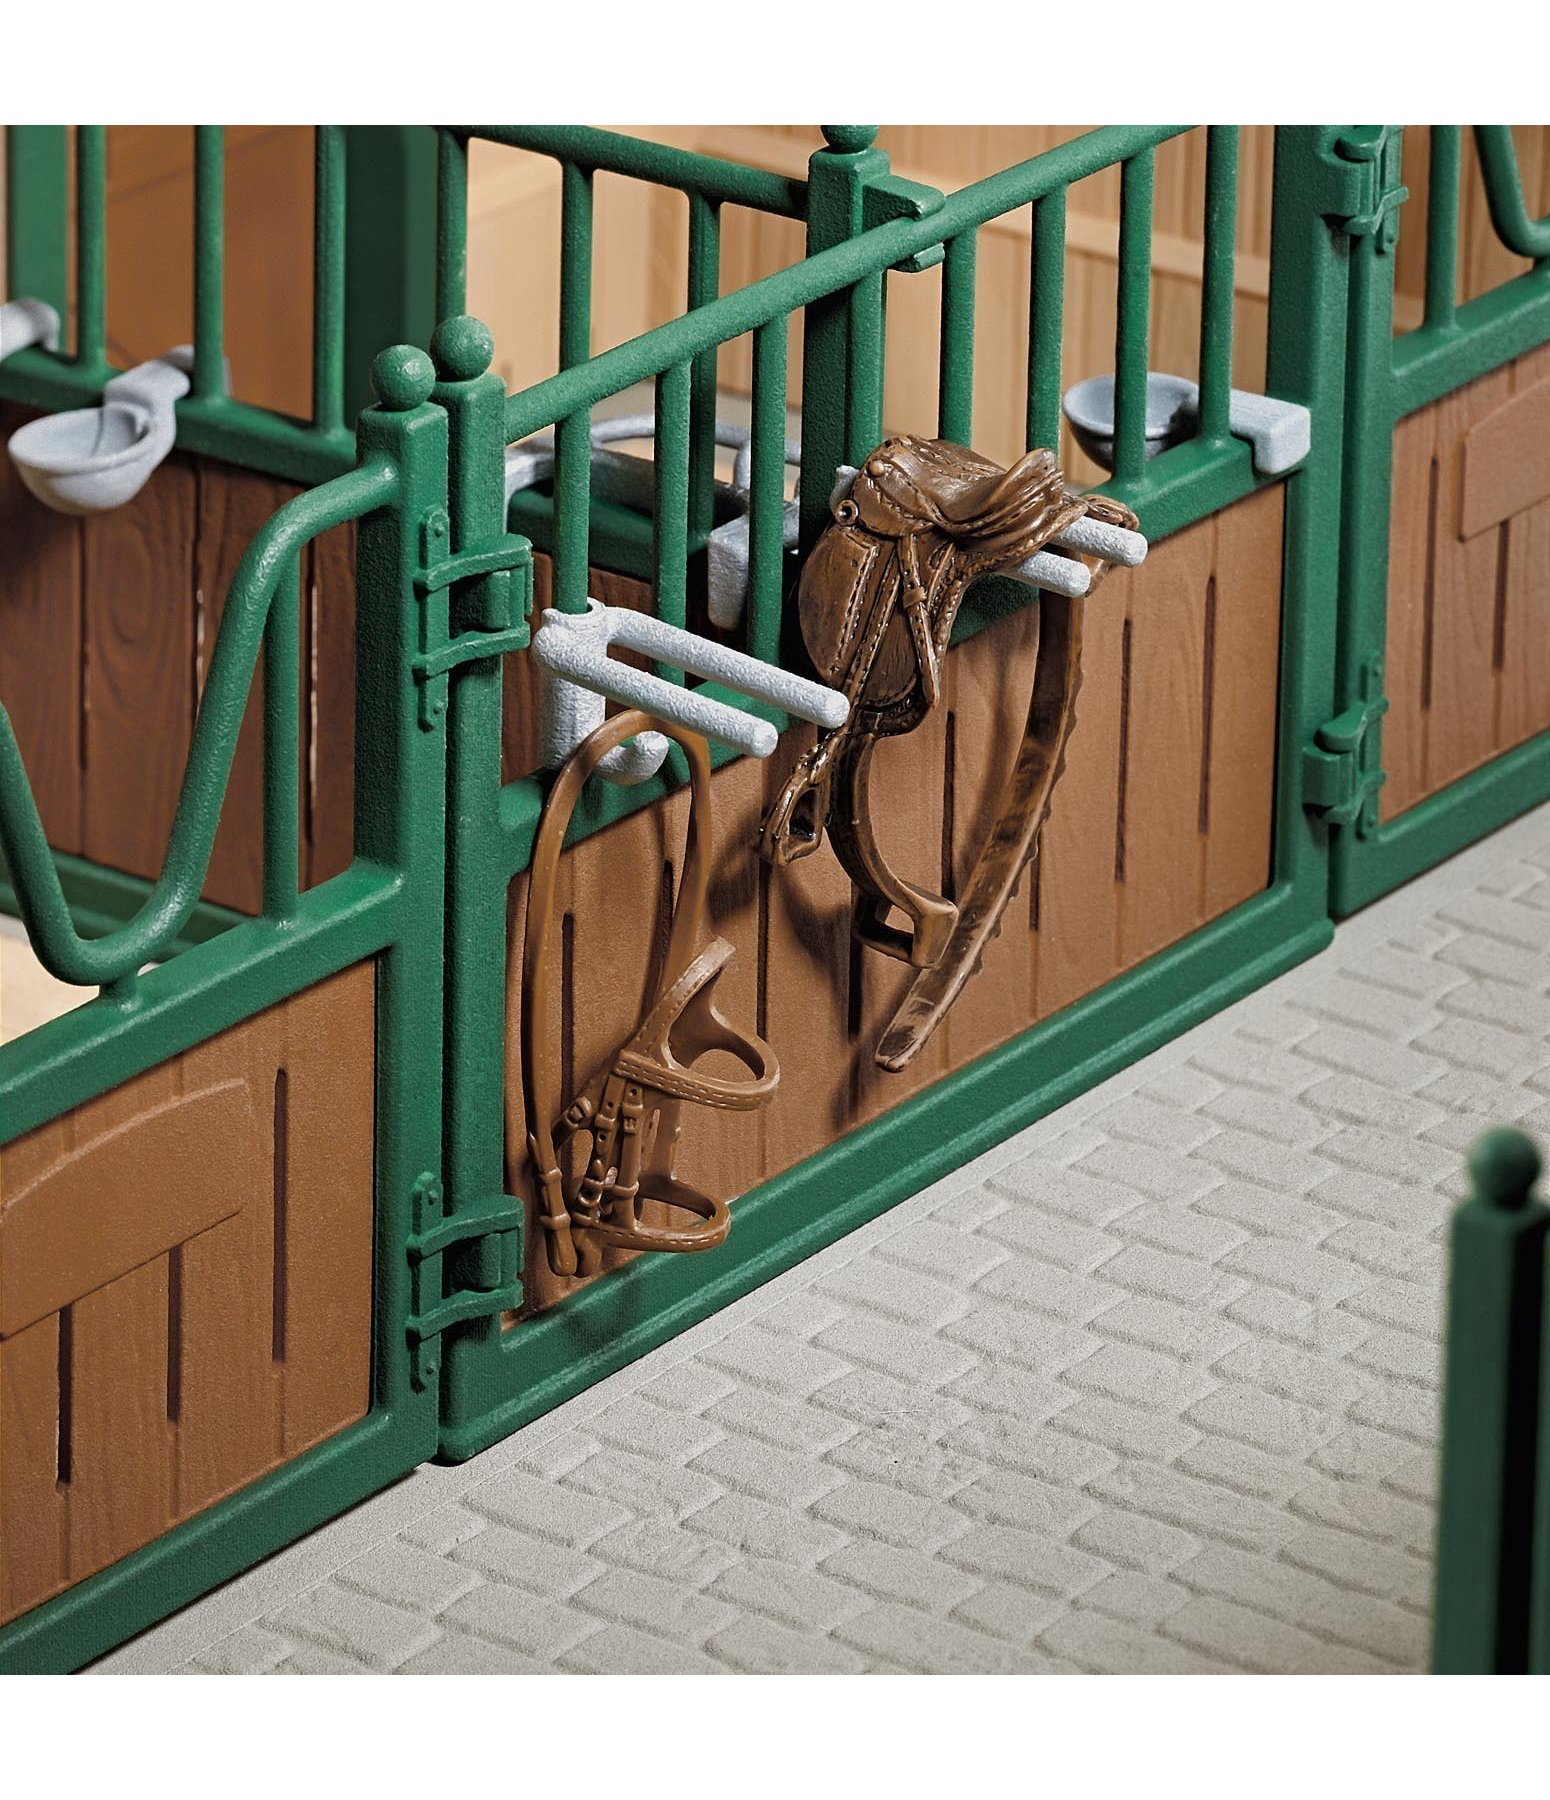 centre questre schleich kramer equitation. Black Bedroom Furniture Sets. Home Design Ideas